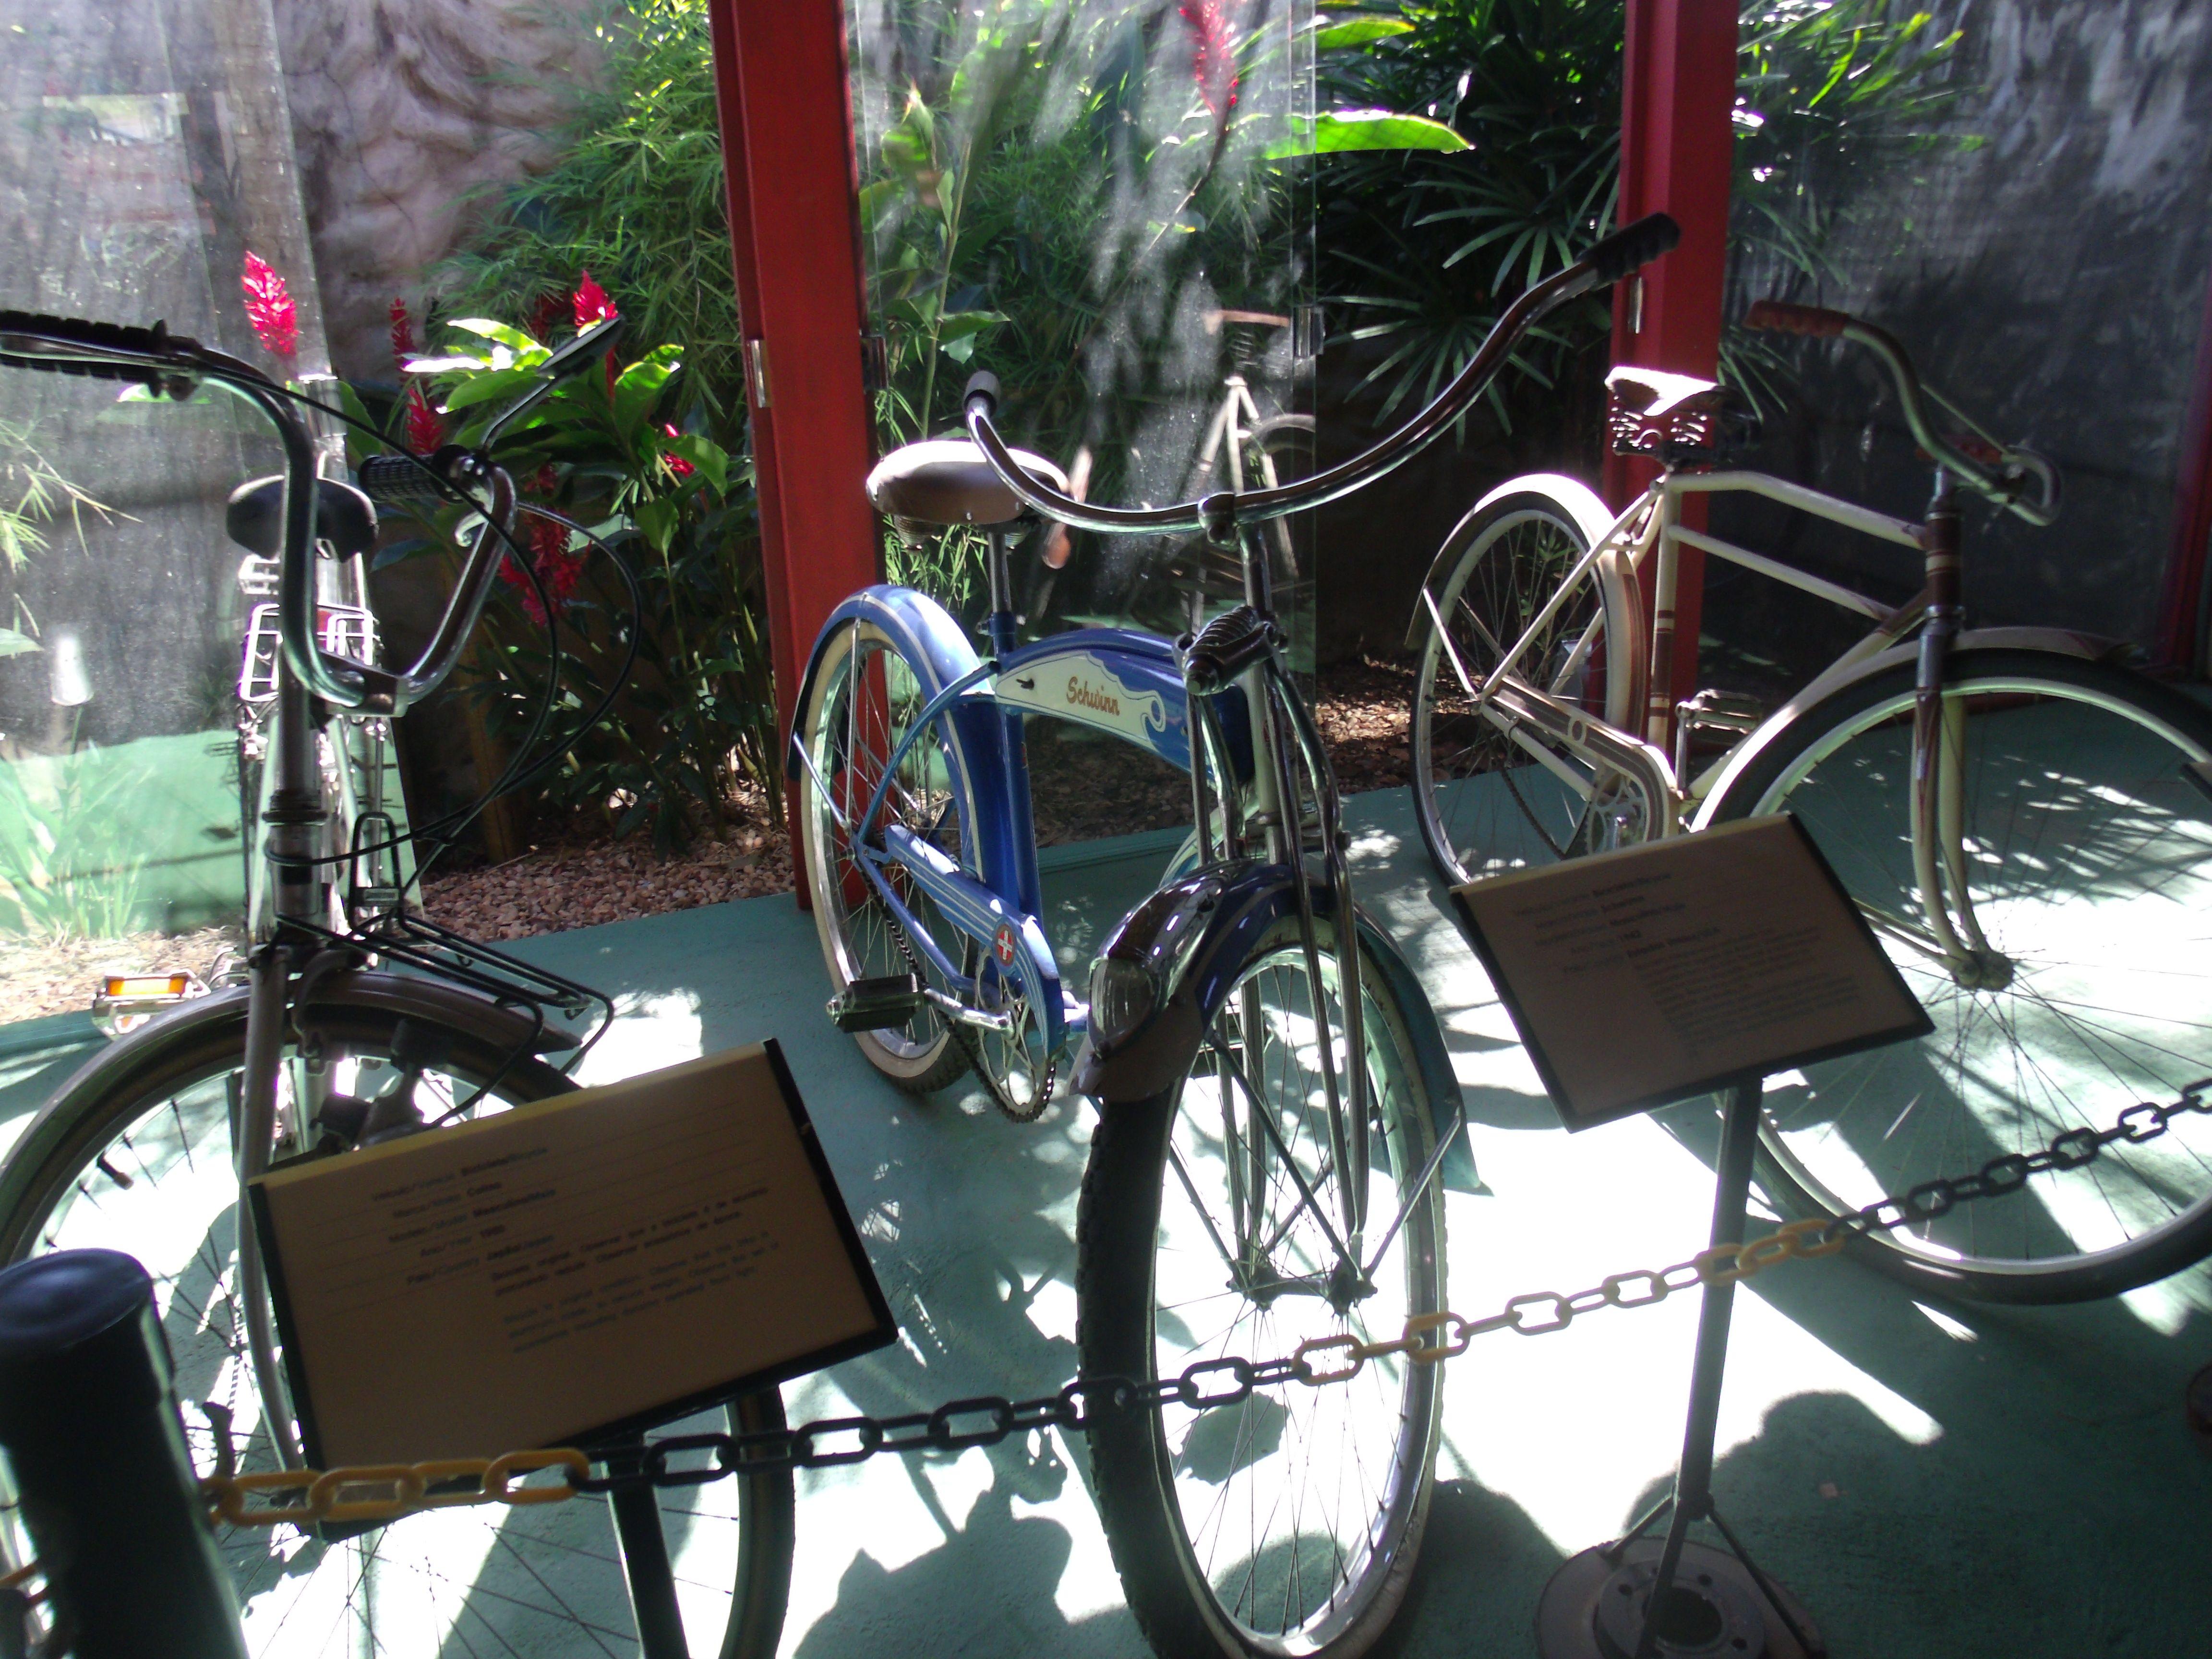 Foto tirada em Museu Rodas do Tempo em Pirenópolis -Goiás.